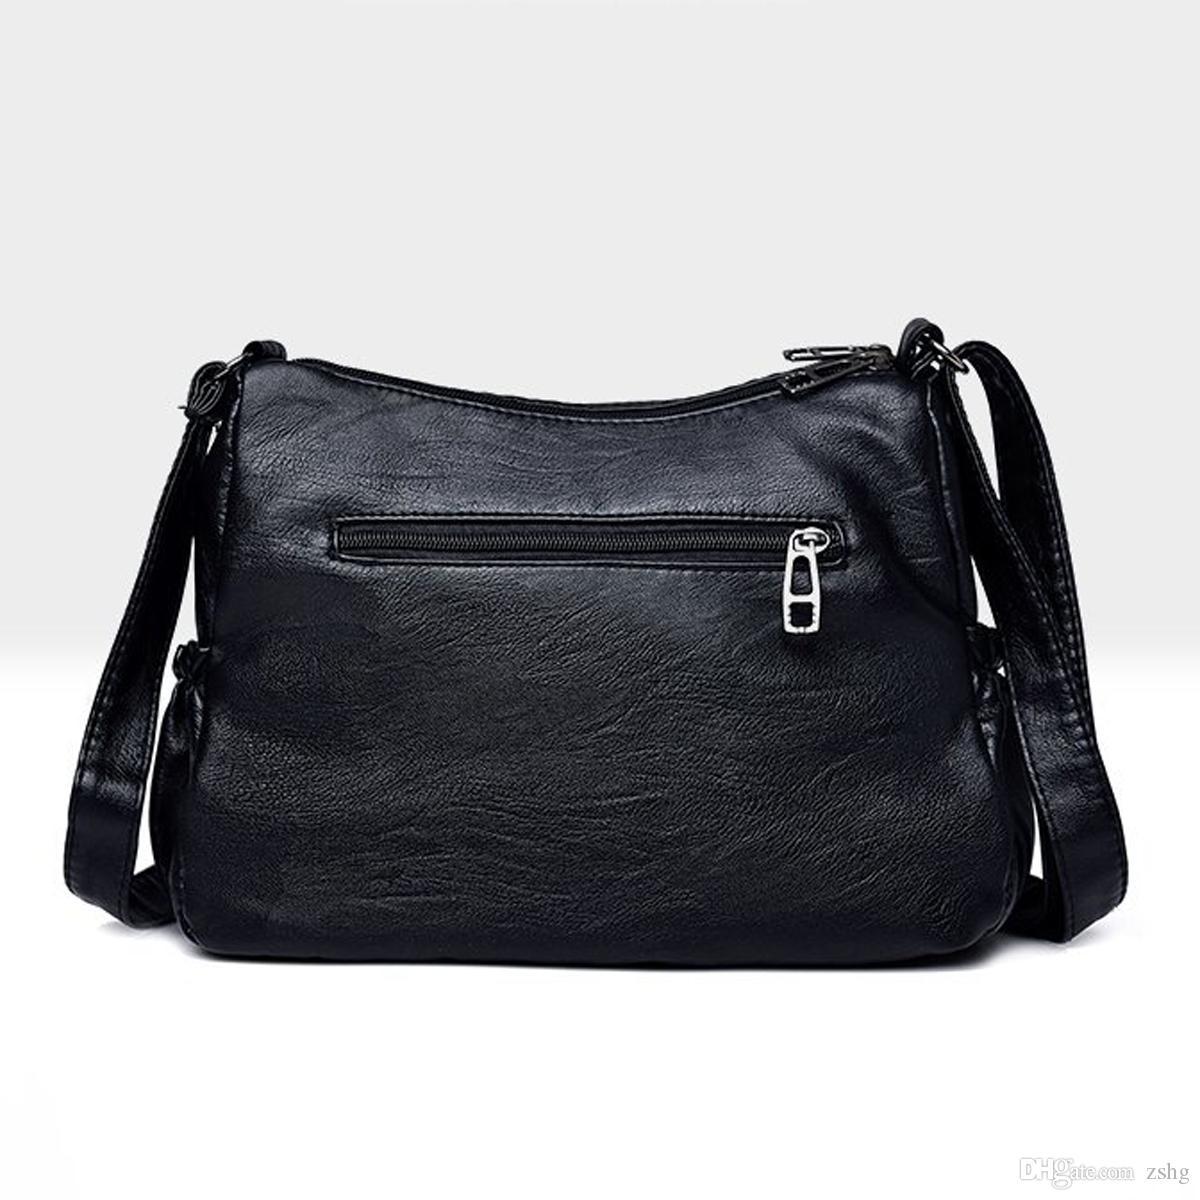 Borse Borse New Flap Tote Messenger Bags Designer Crossbody Borse a tracolla Donne Borsa da donna in pelle Borsa da donna Top-Handle VHFKH